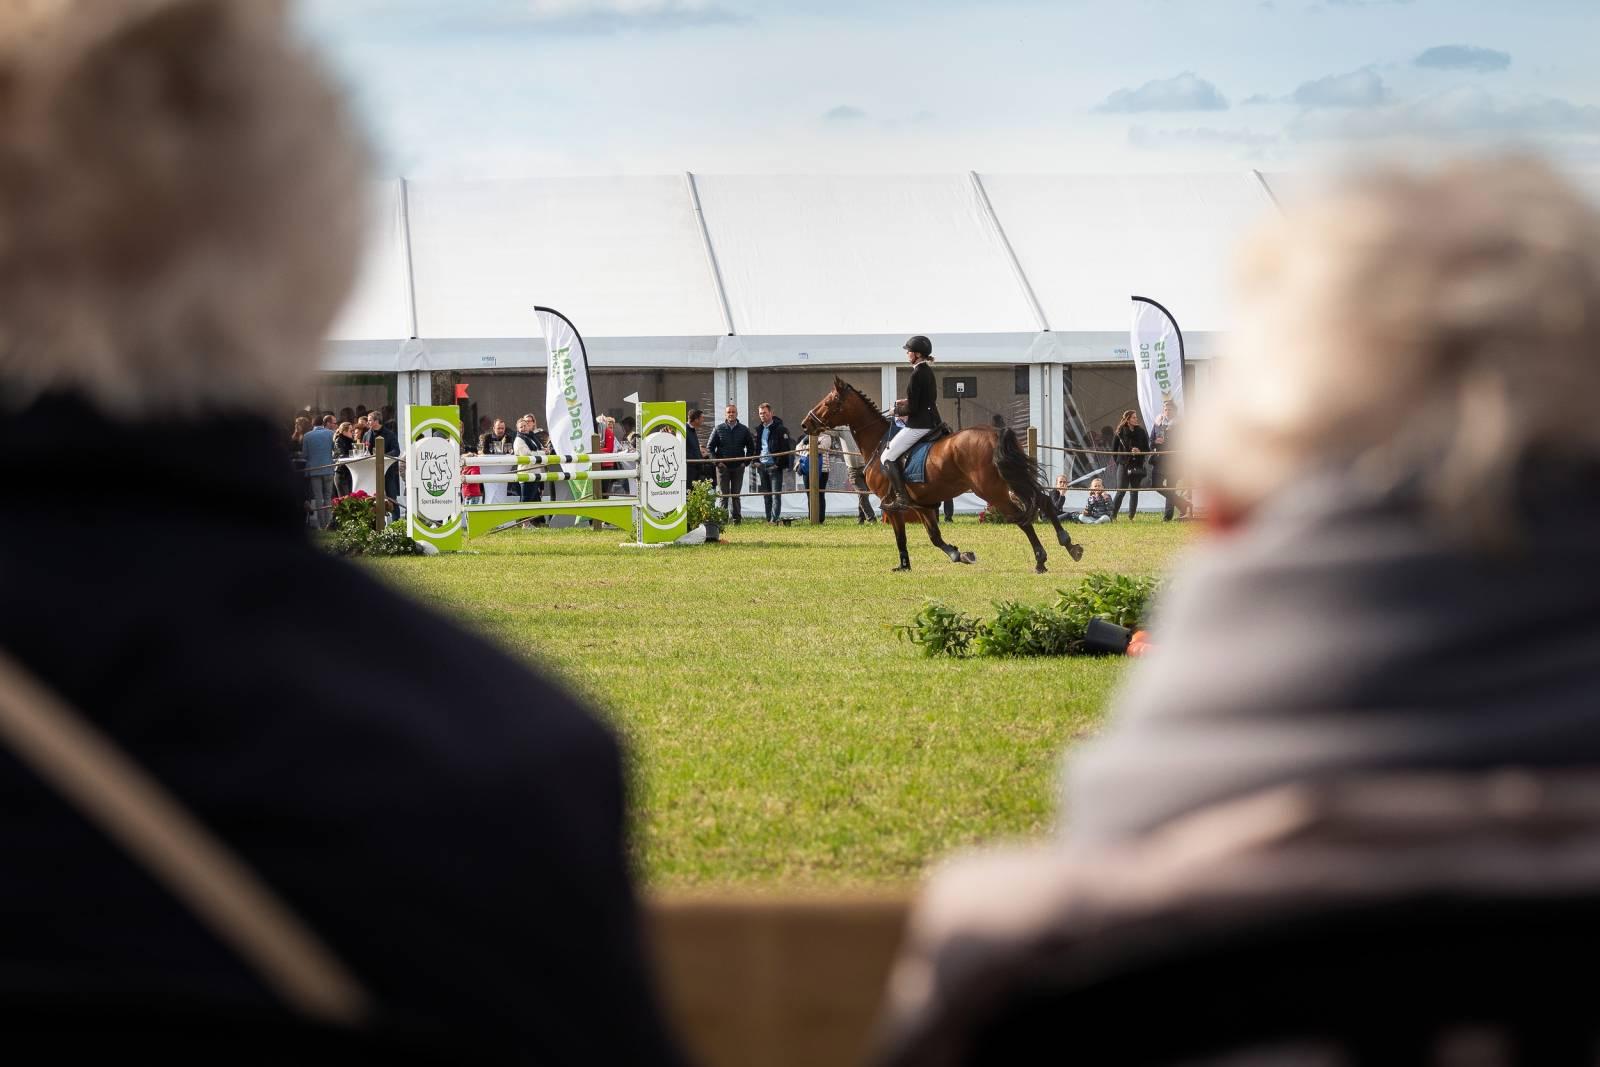 Tentmoment - Feesttent - Tent Event - Verhuur Tenten - Fotograaf Jurgen De Witte - House of Events - 44